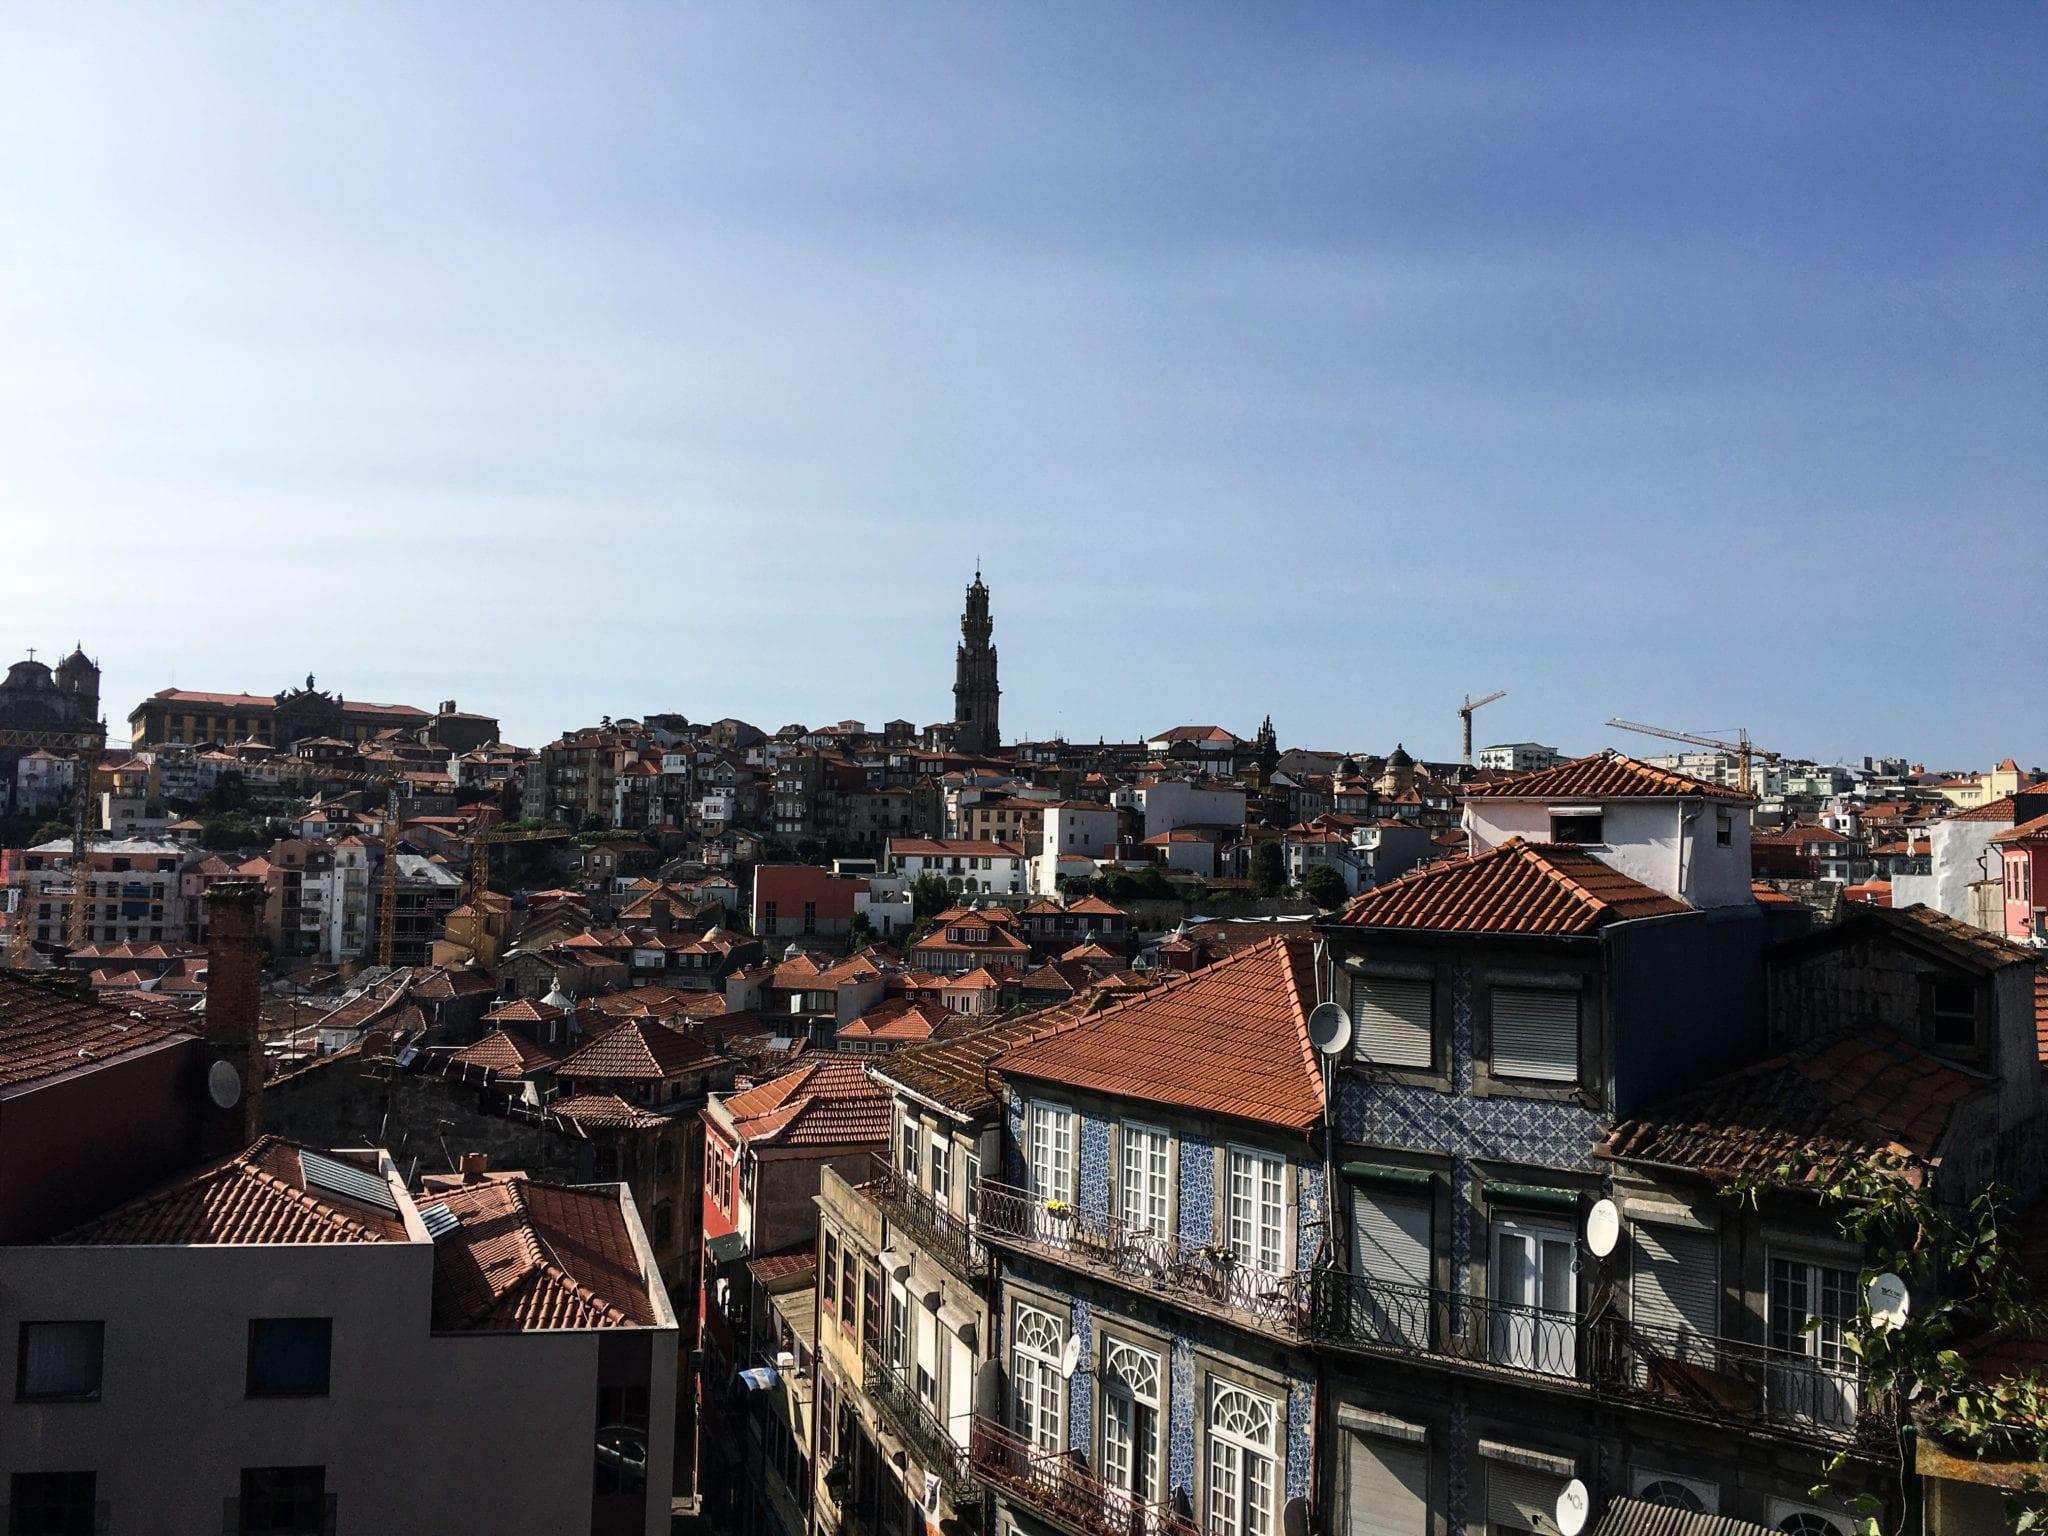 เที่ยวโปรตุเกส ประเทศในยุโรป Lisbon Porto เที่ยวยุโรป โปรตุเกส